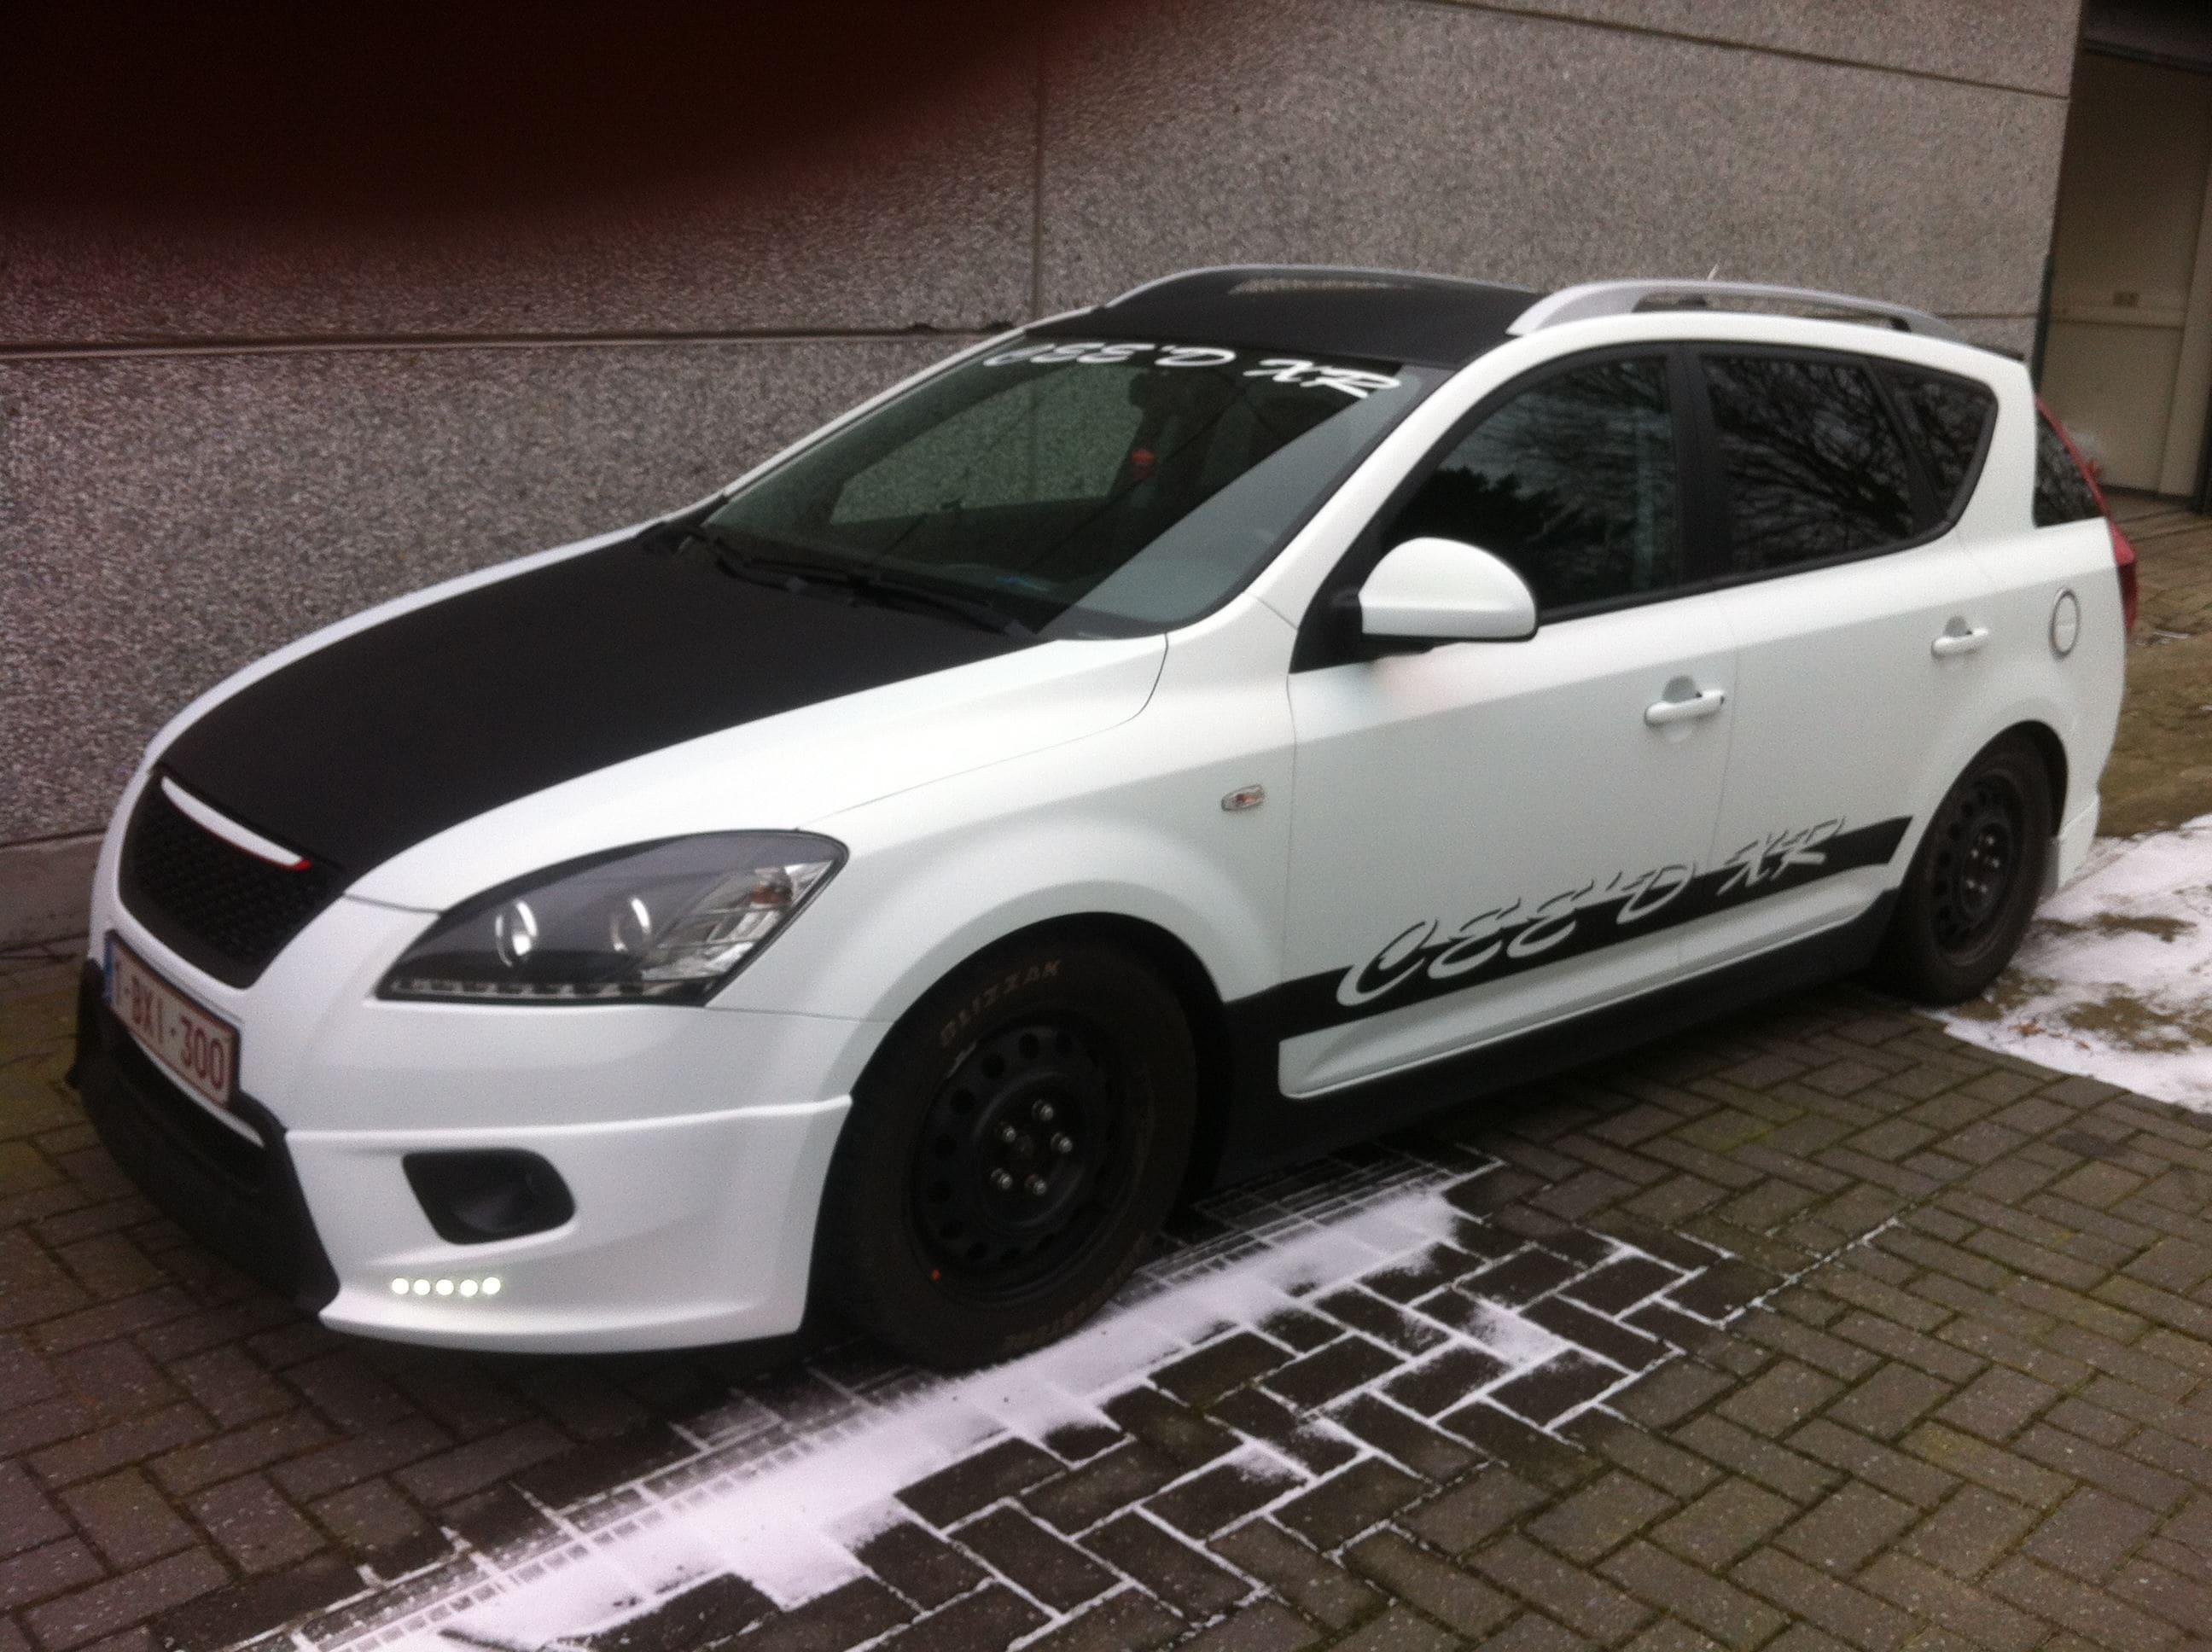 Kia Cee'd XR met Carbon en Witte Wrap, Carwrapping door Wrapmyride.nu Foto-nr:5956, ©2020